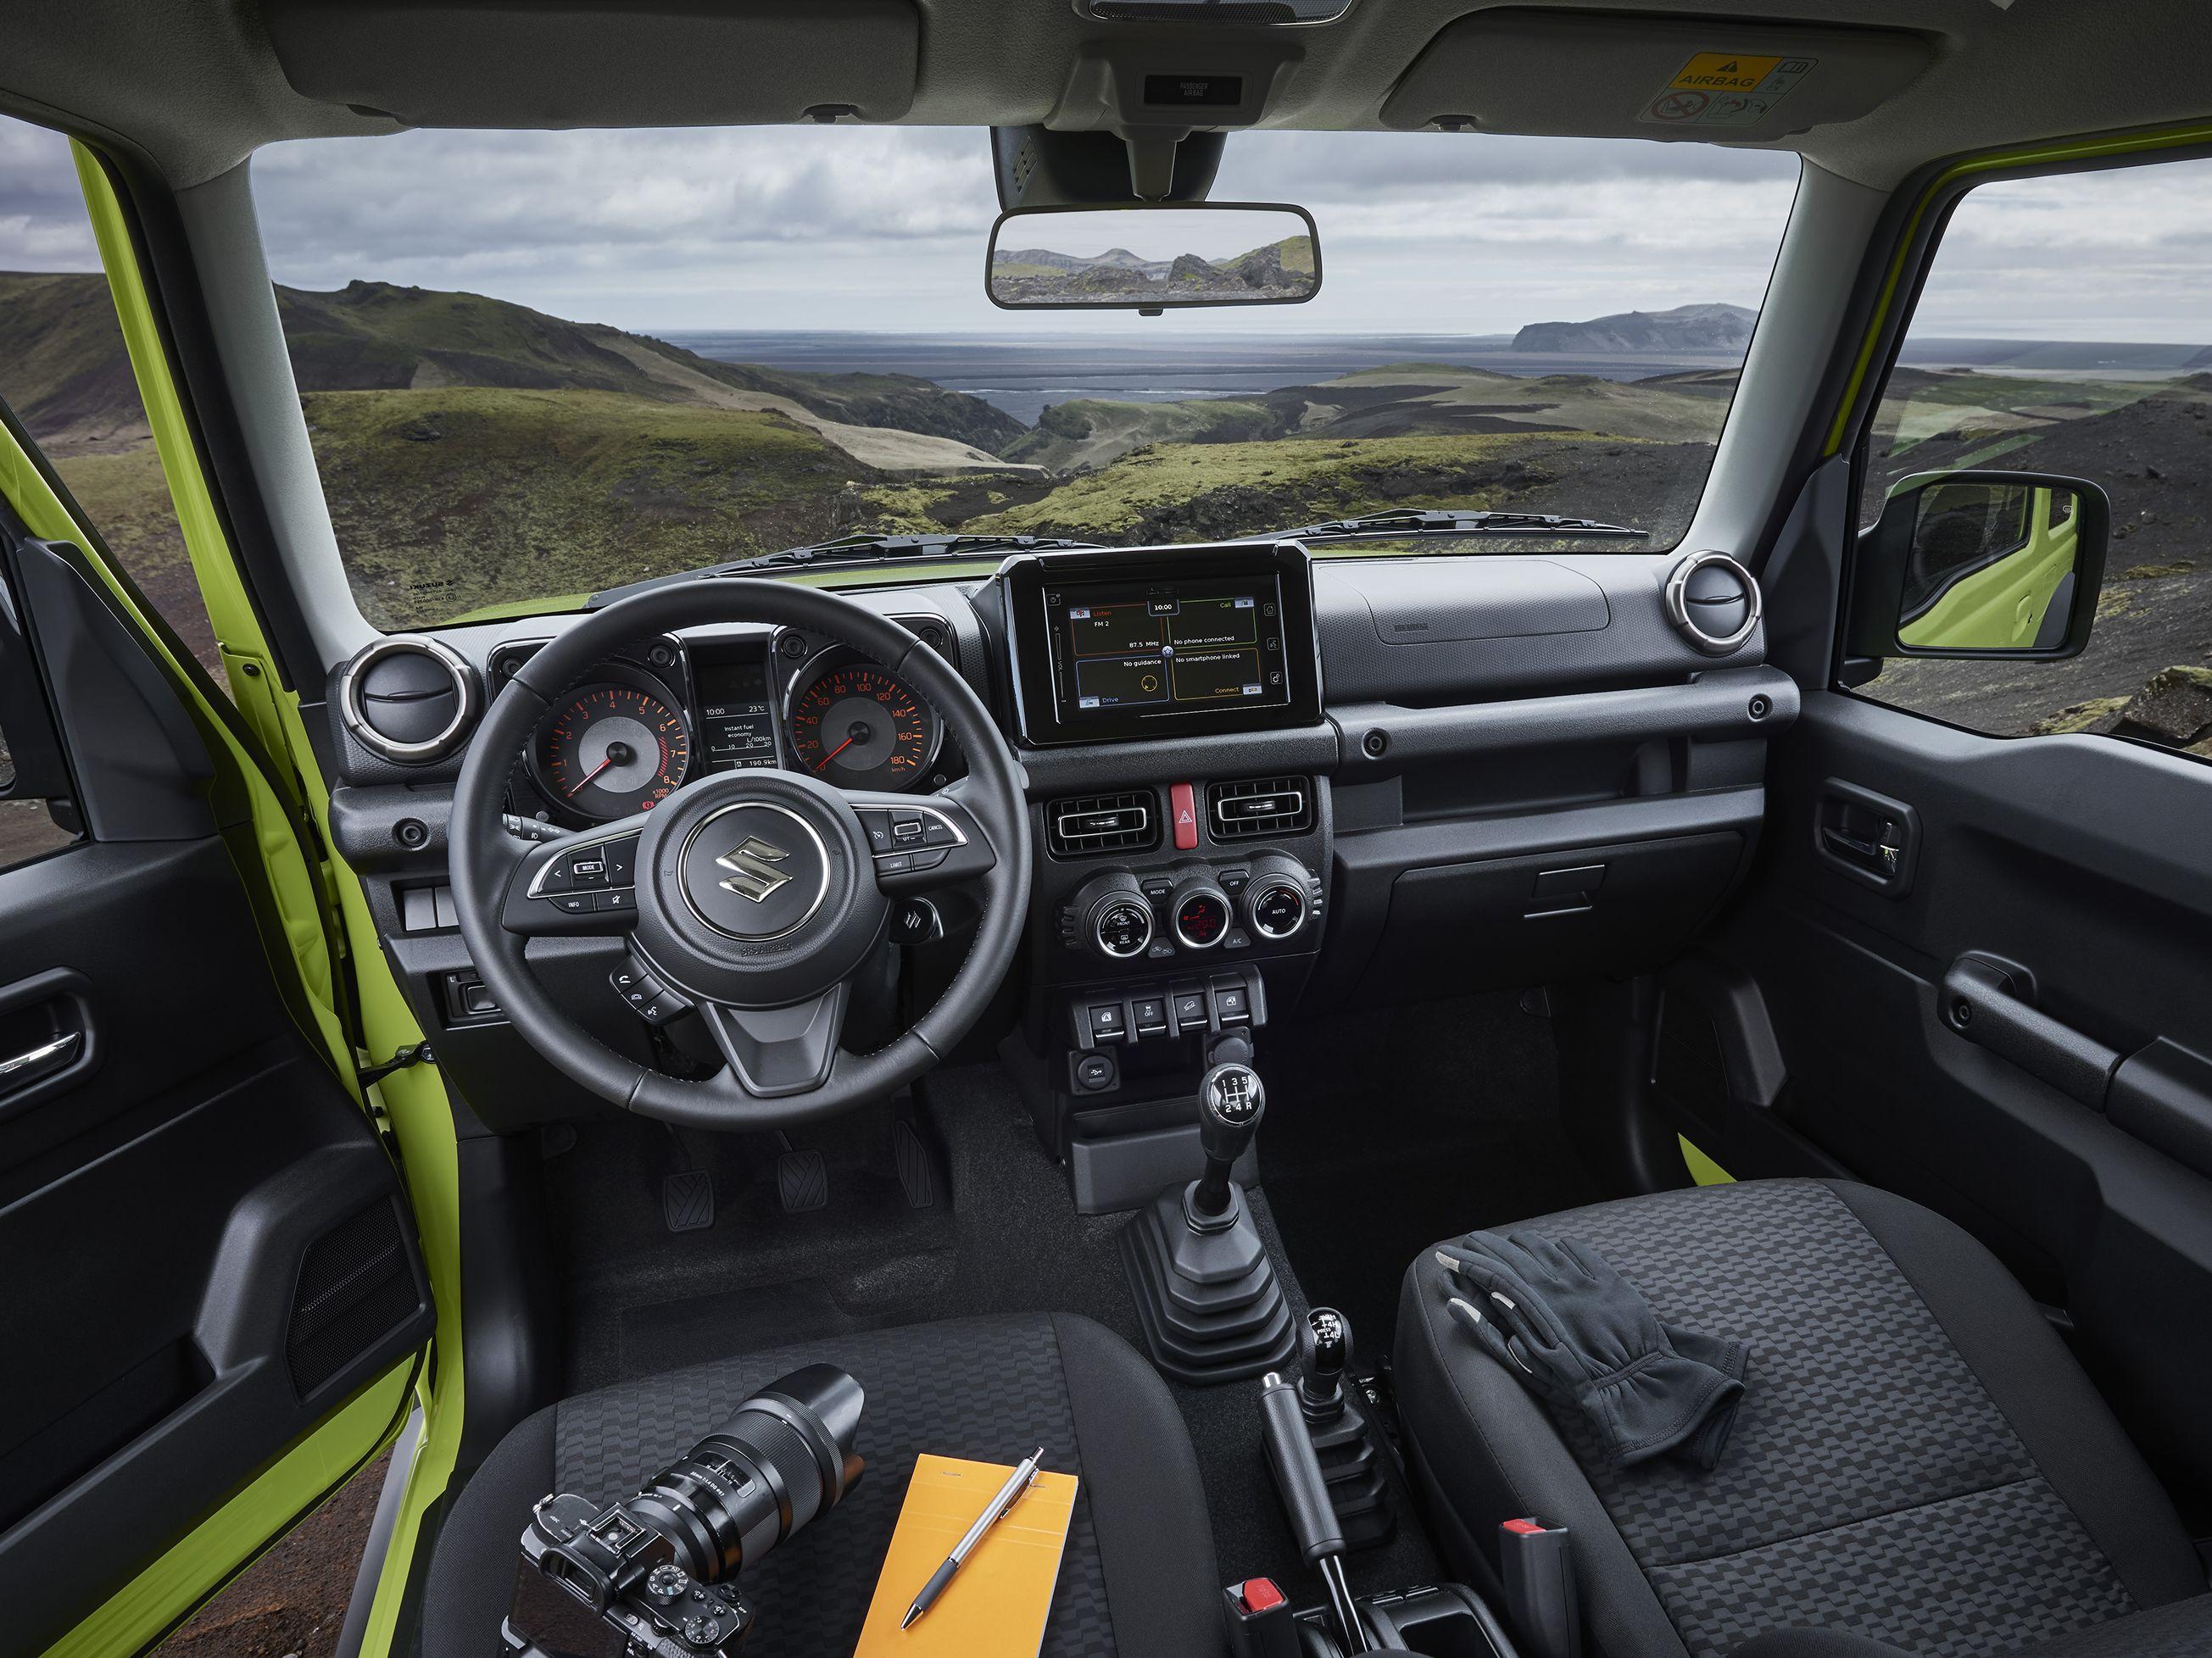 Suzuki Jimny Innenraum